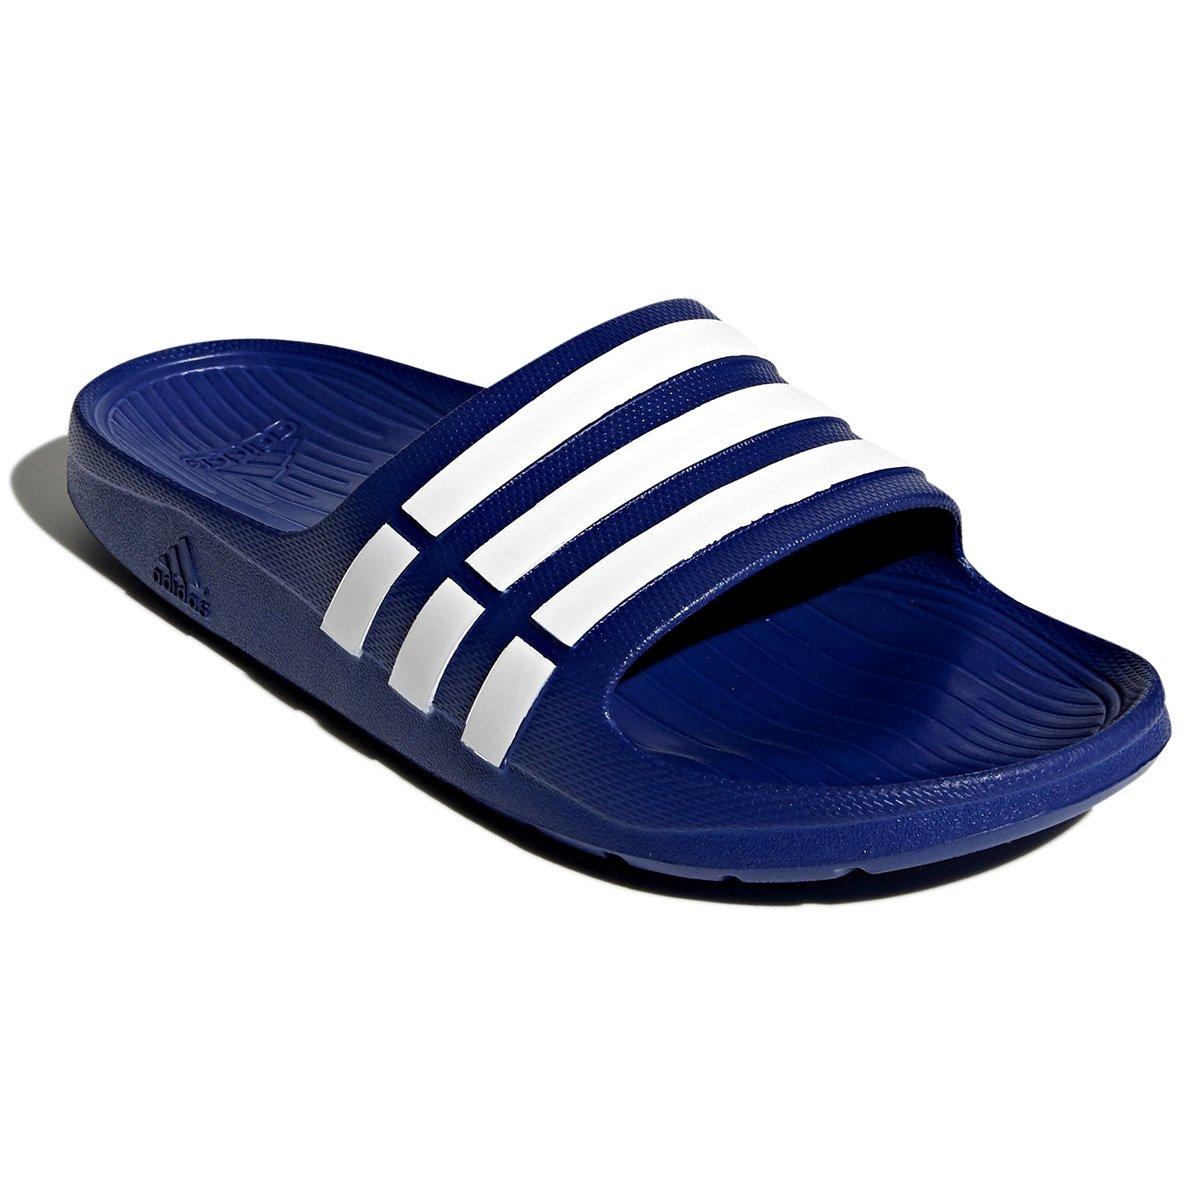 dc3296048e0 Sandália Adidas Duramo Slide G14309 - Azul Branco - Botas Online ...